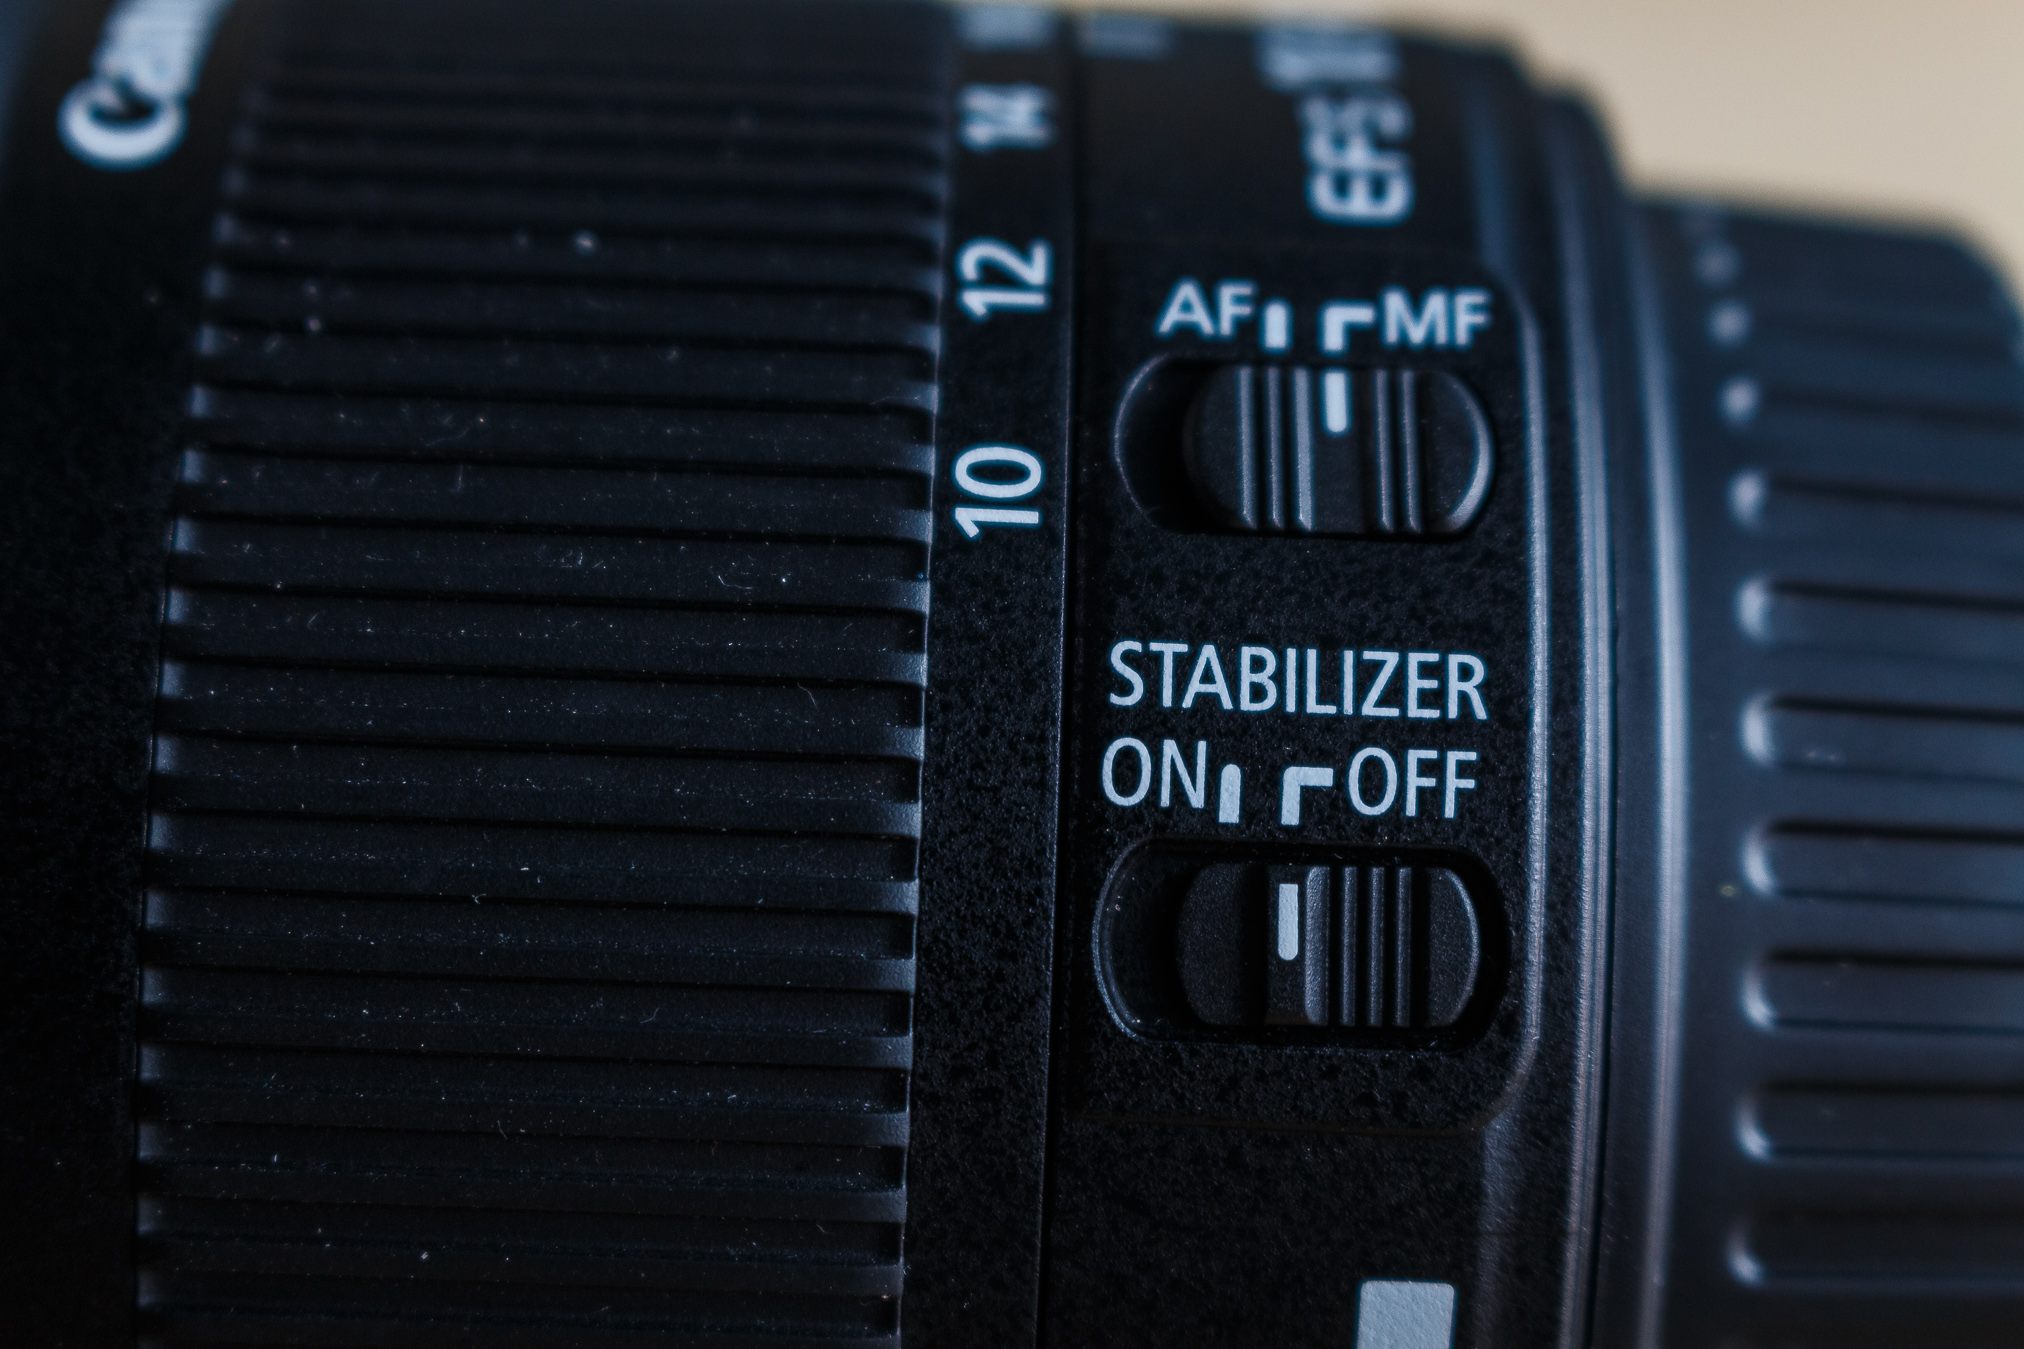 Stabilisator und Autofokus ausschalten